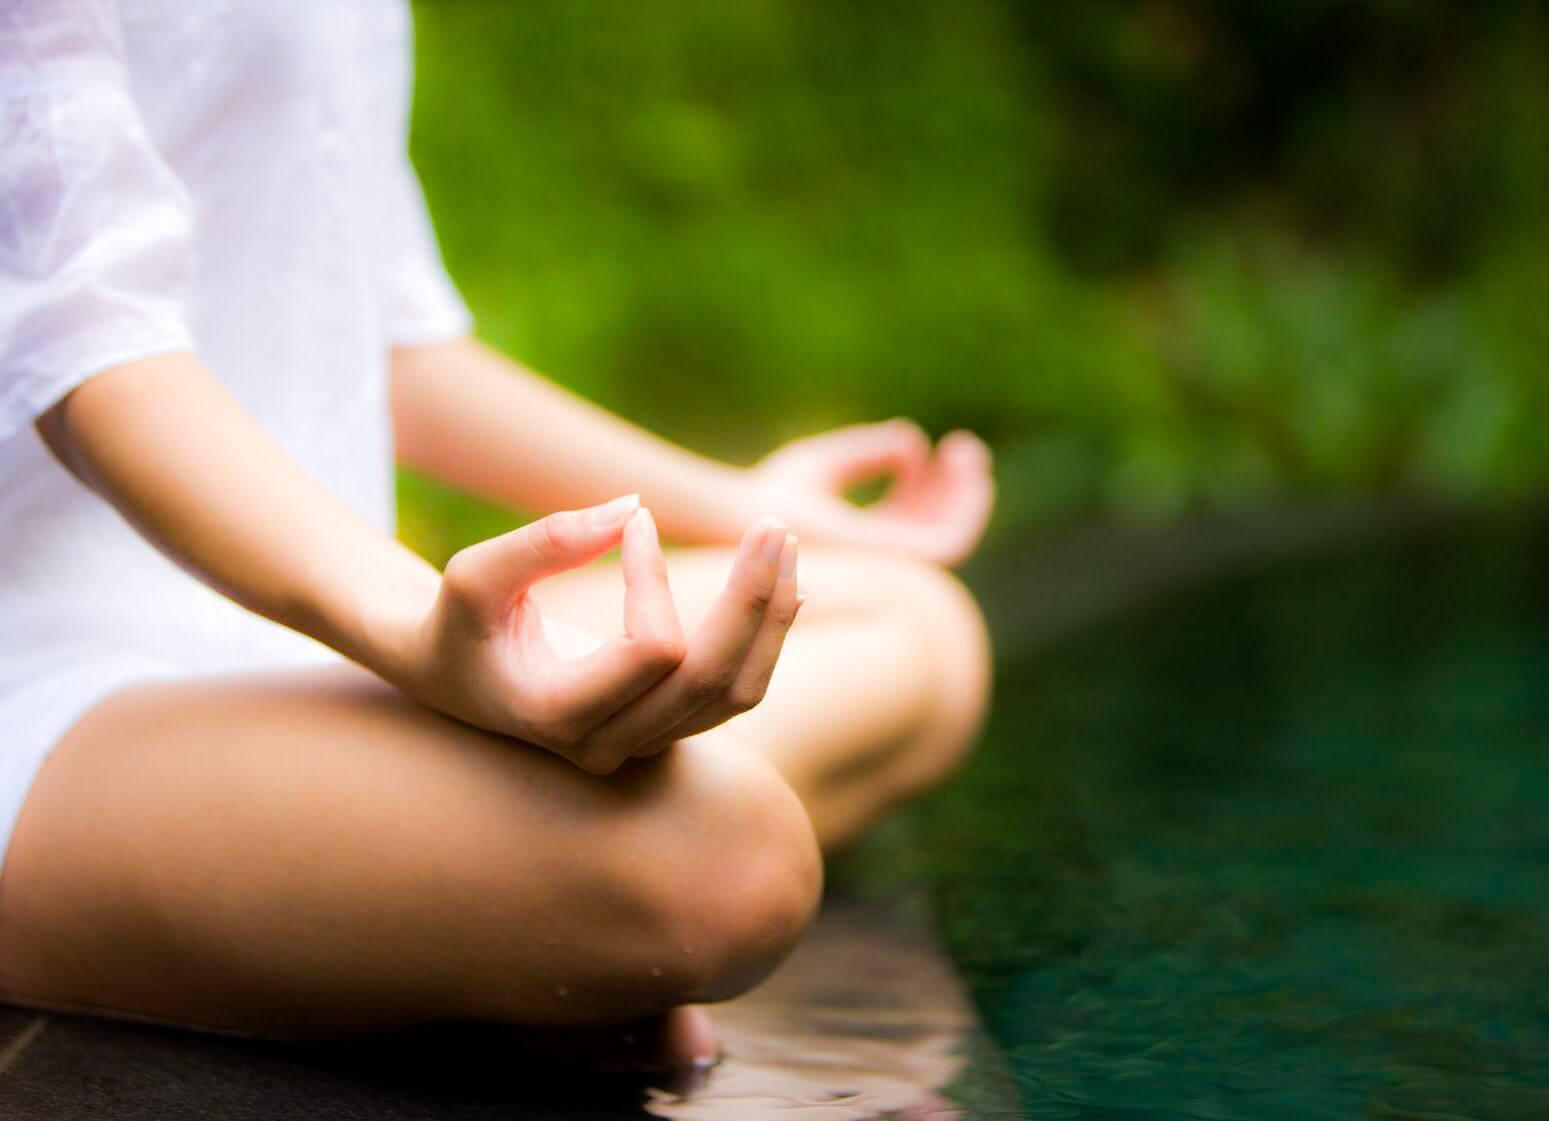 Ejercicios-de-Yoga-para-Principiantes-52